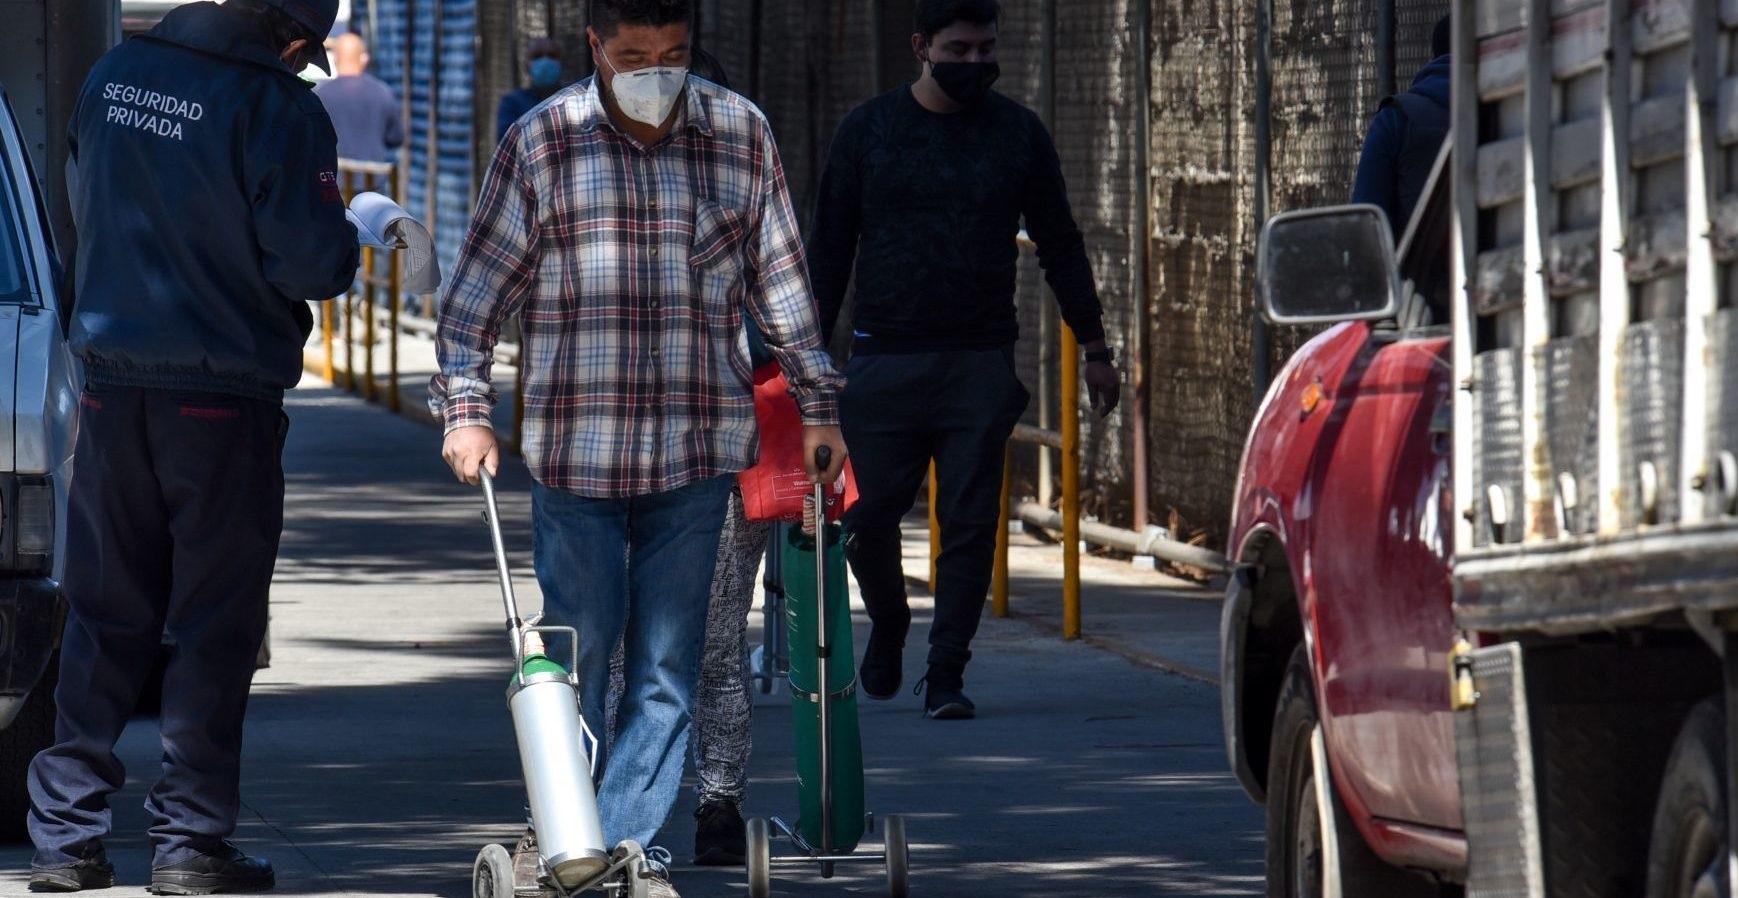 Fraudes en  internet en la venta de tanques de oxígeno en CDMX